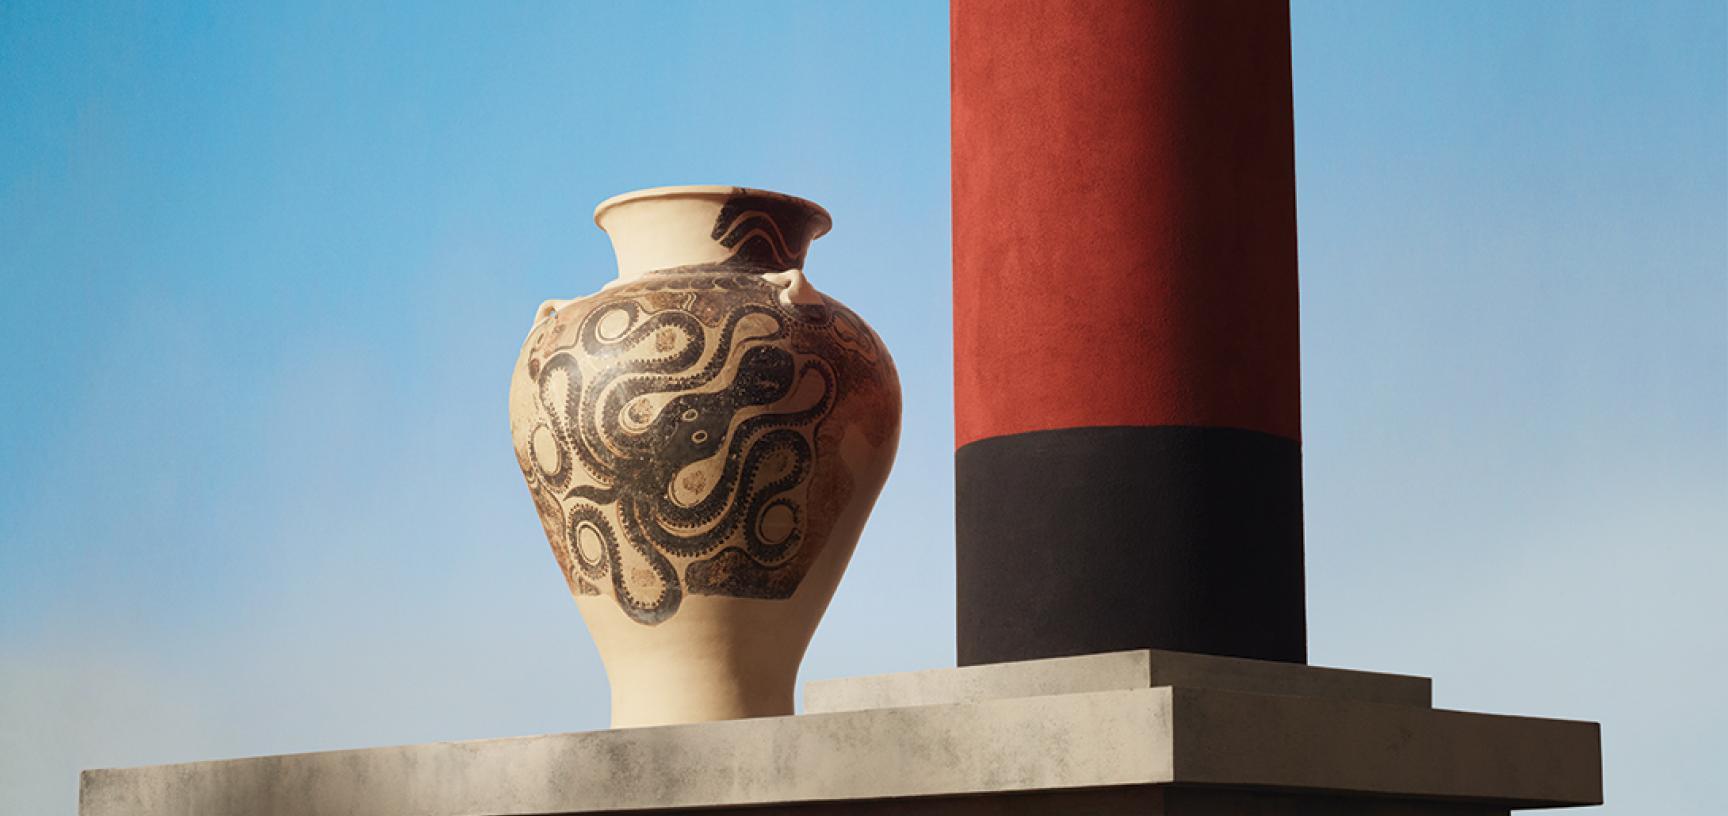 Knossos Jar